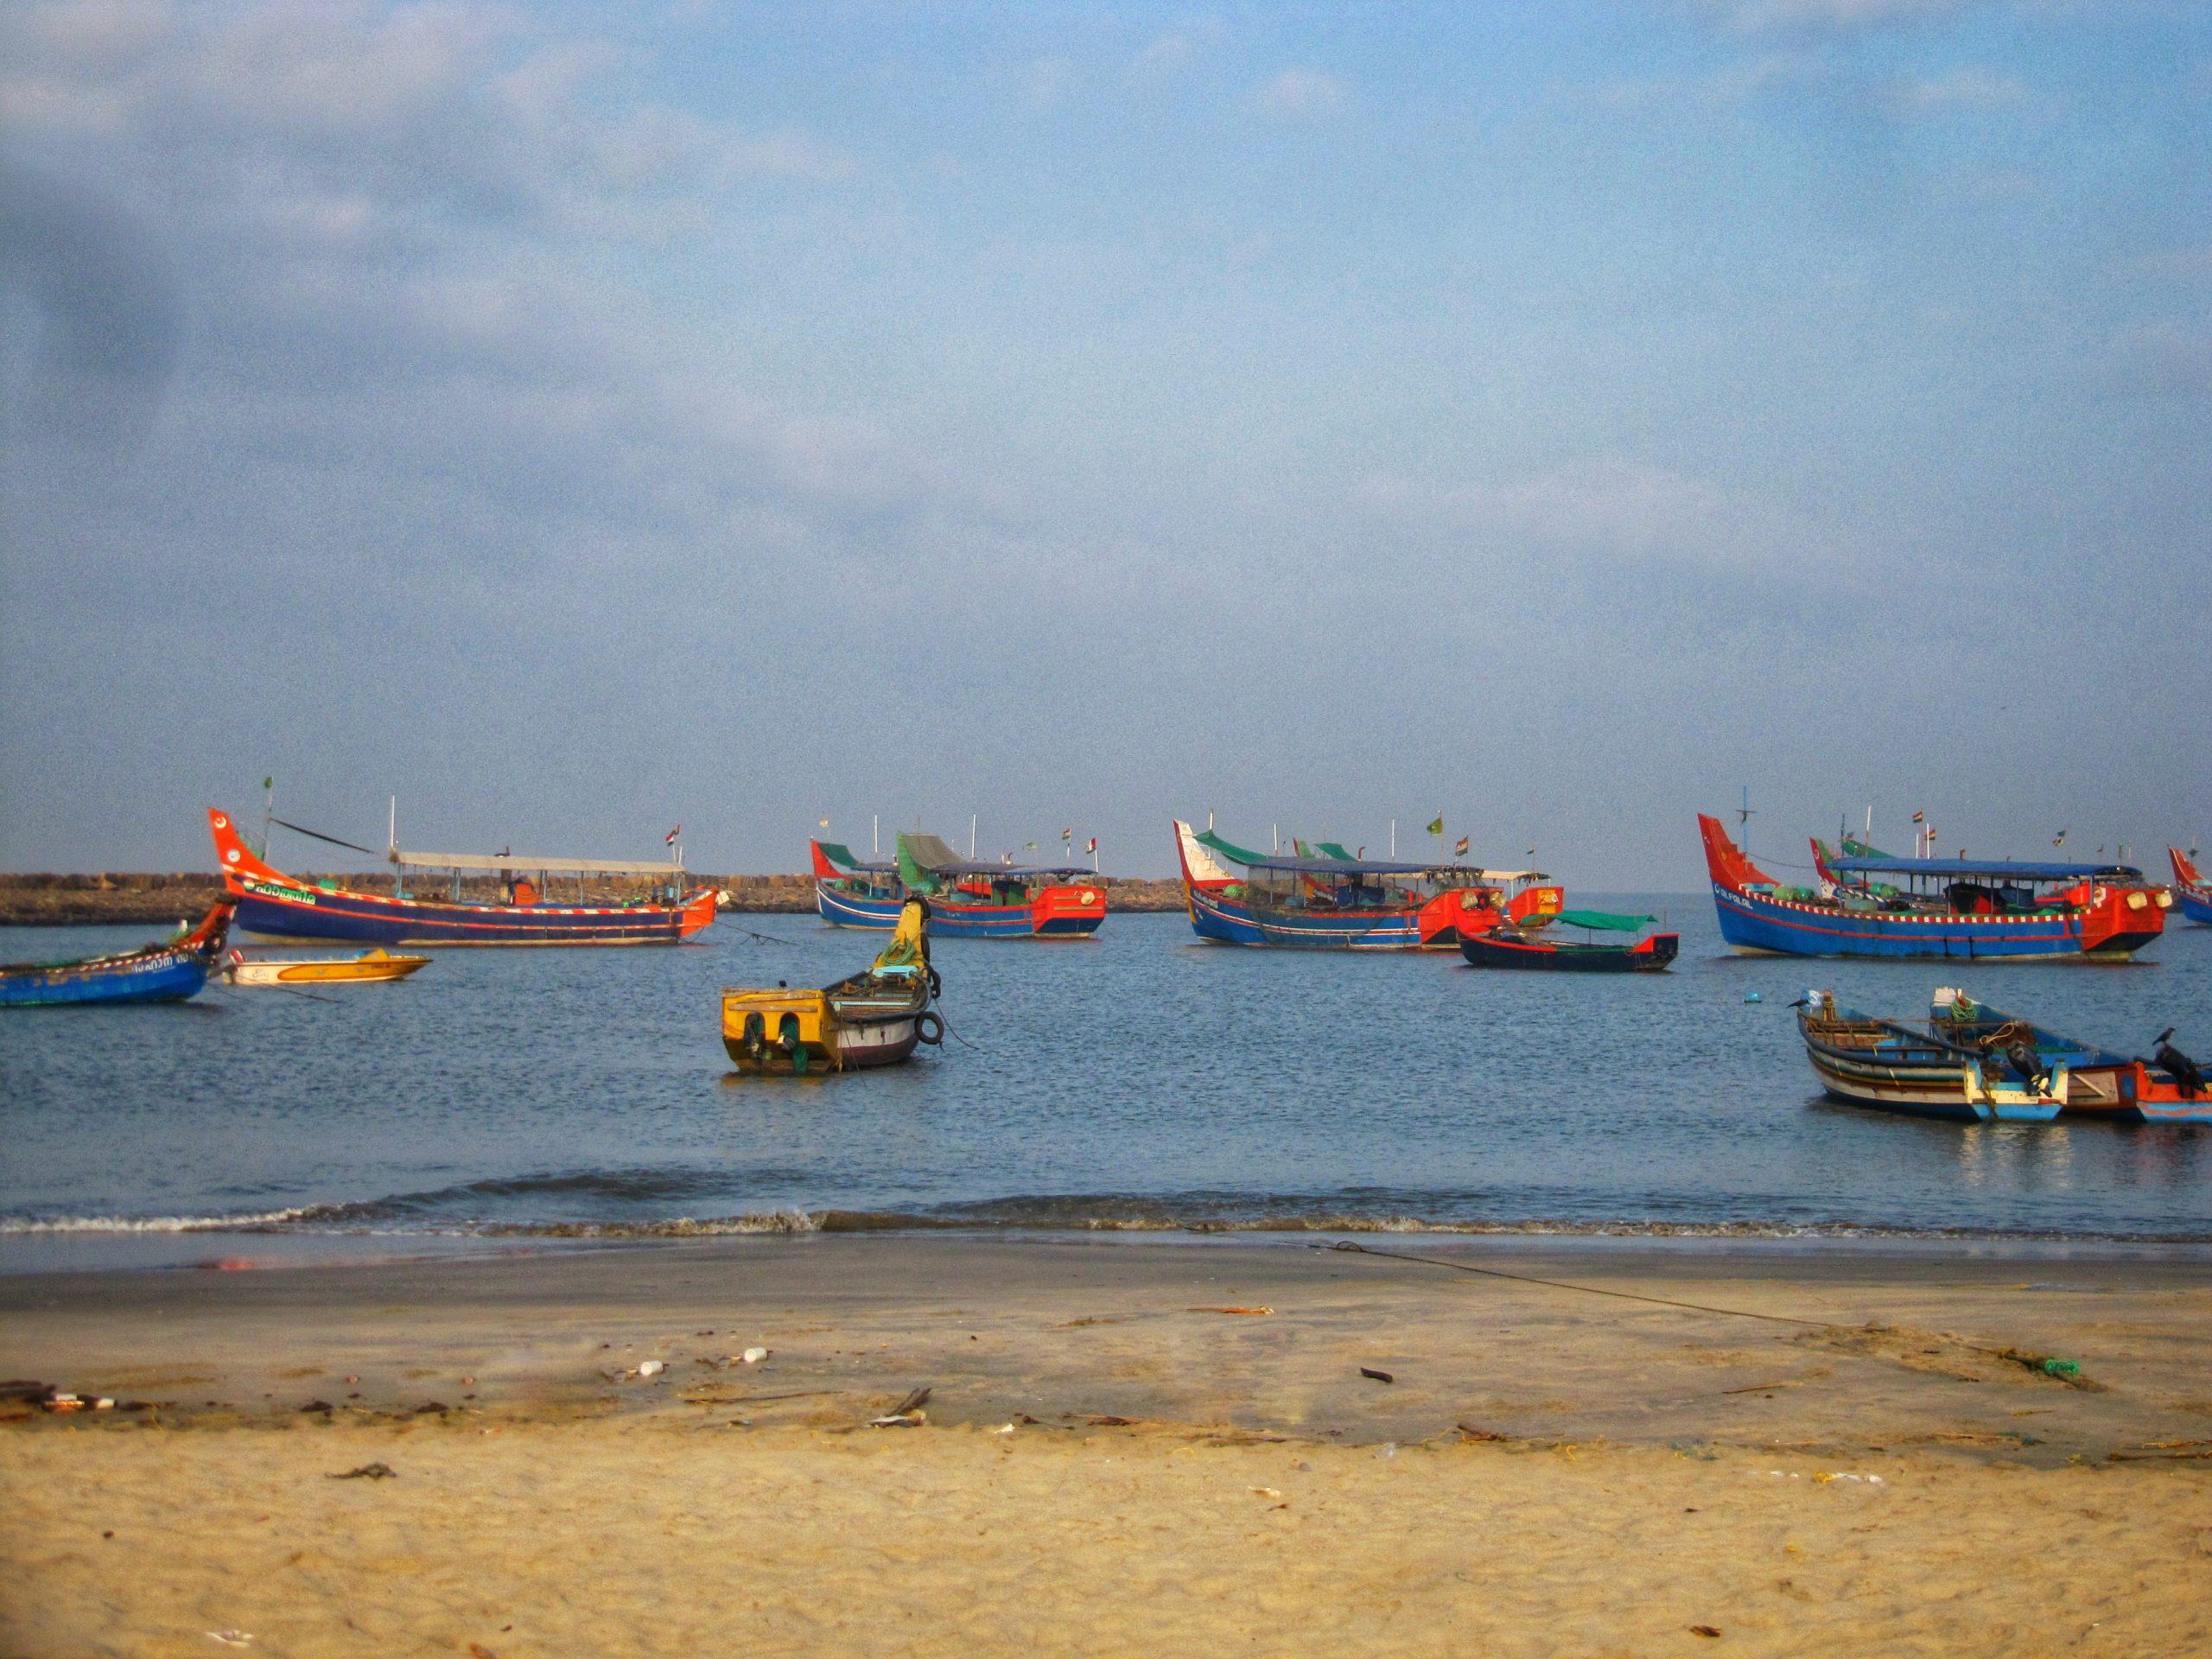 Fishing boats at a beach